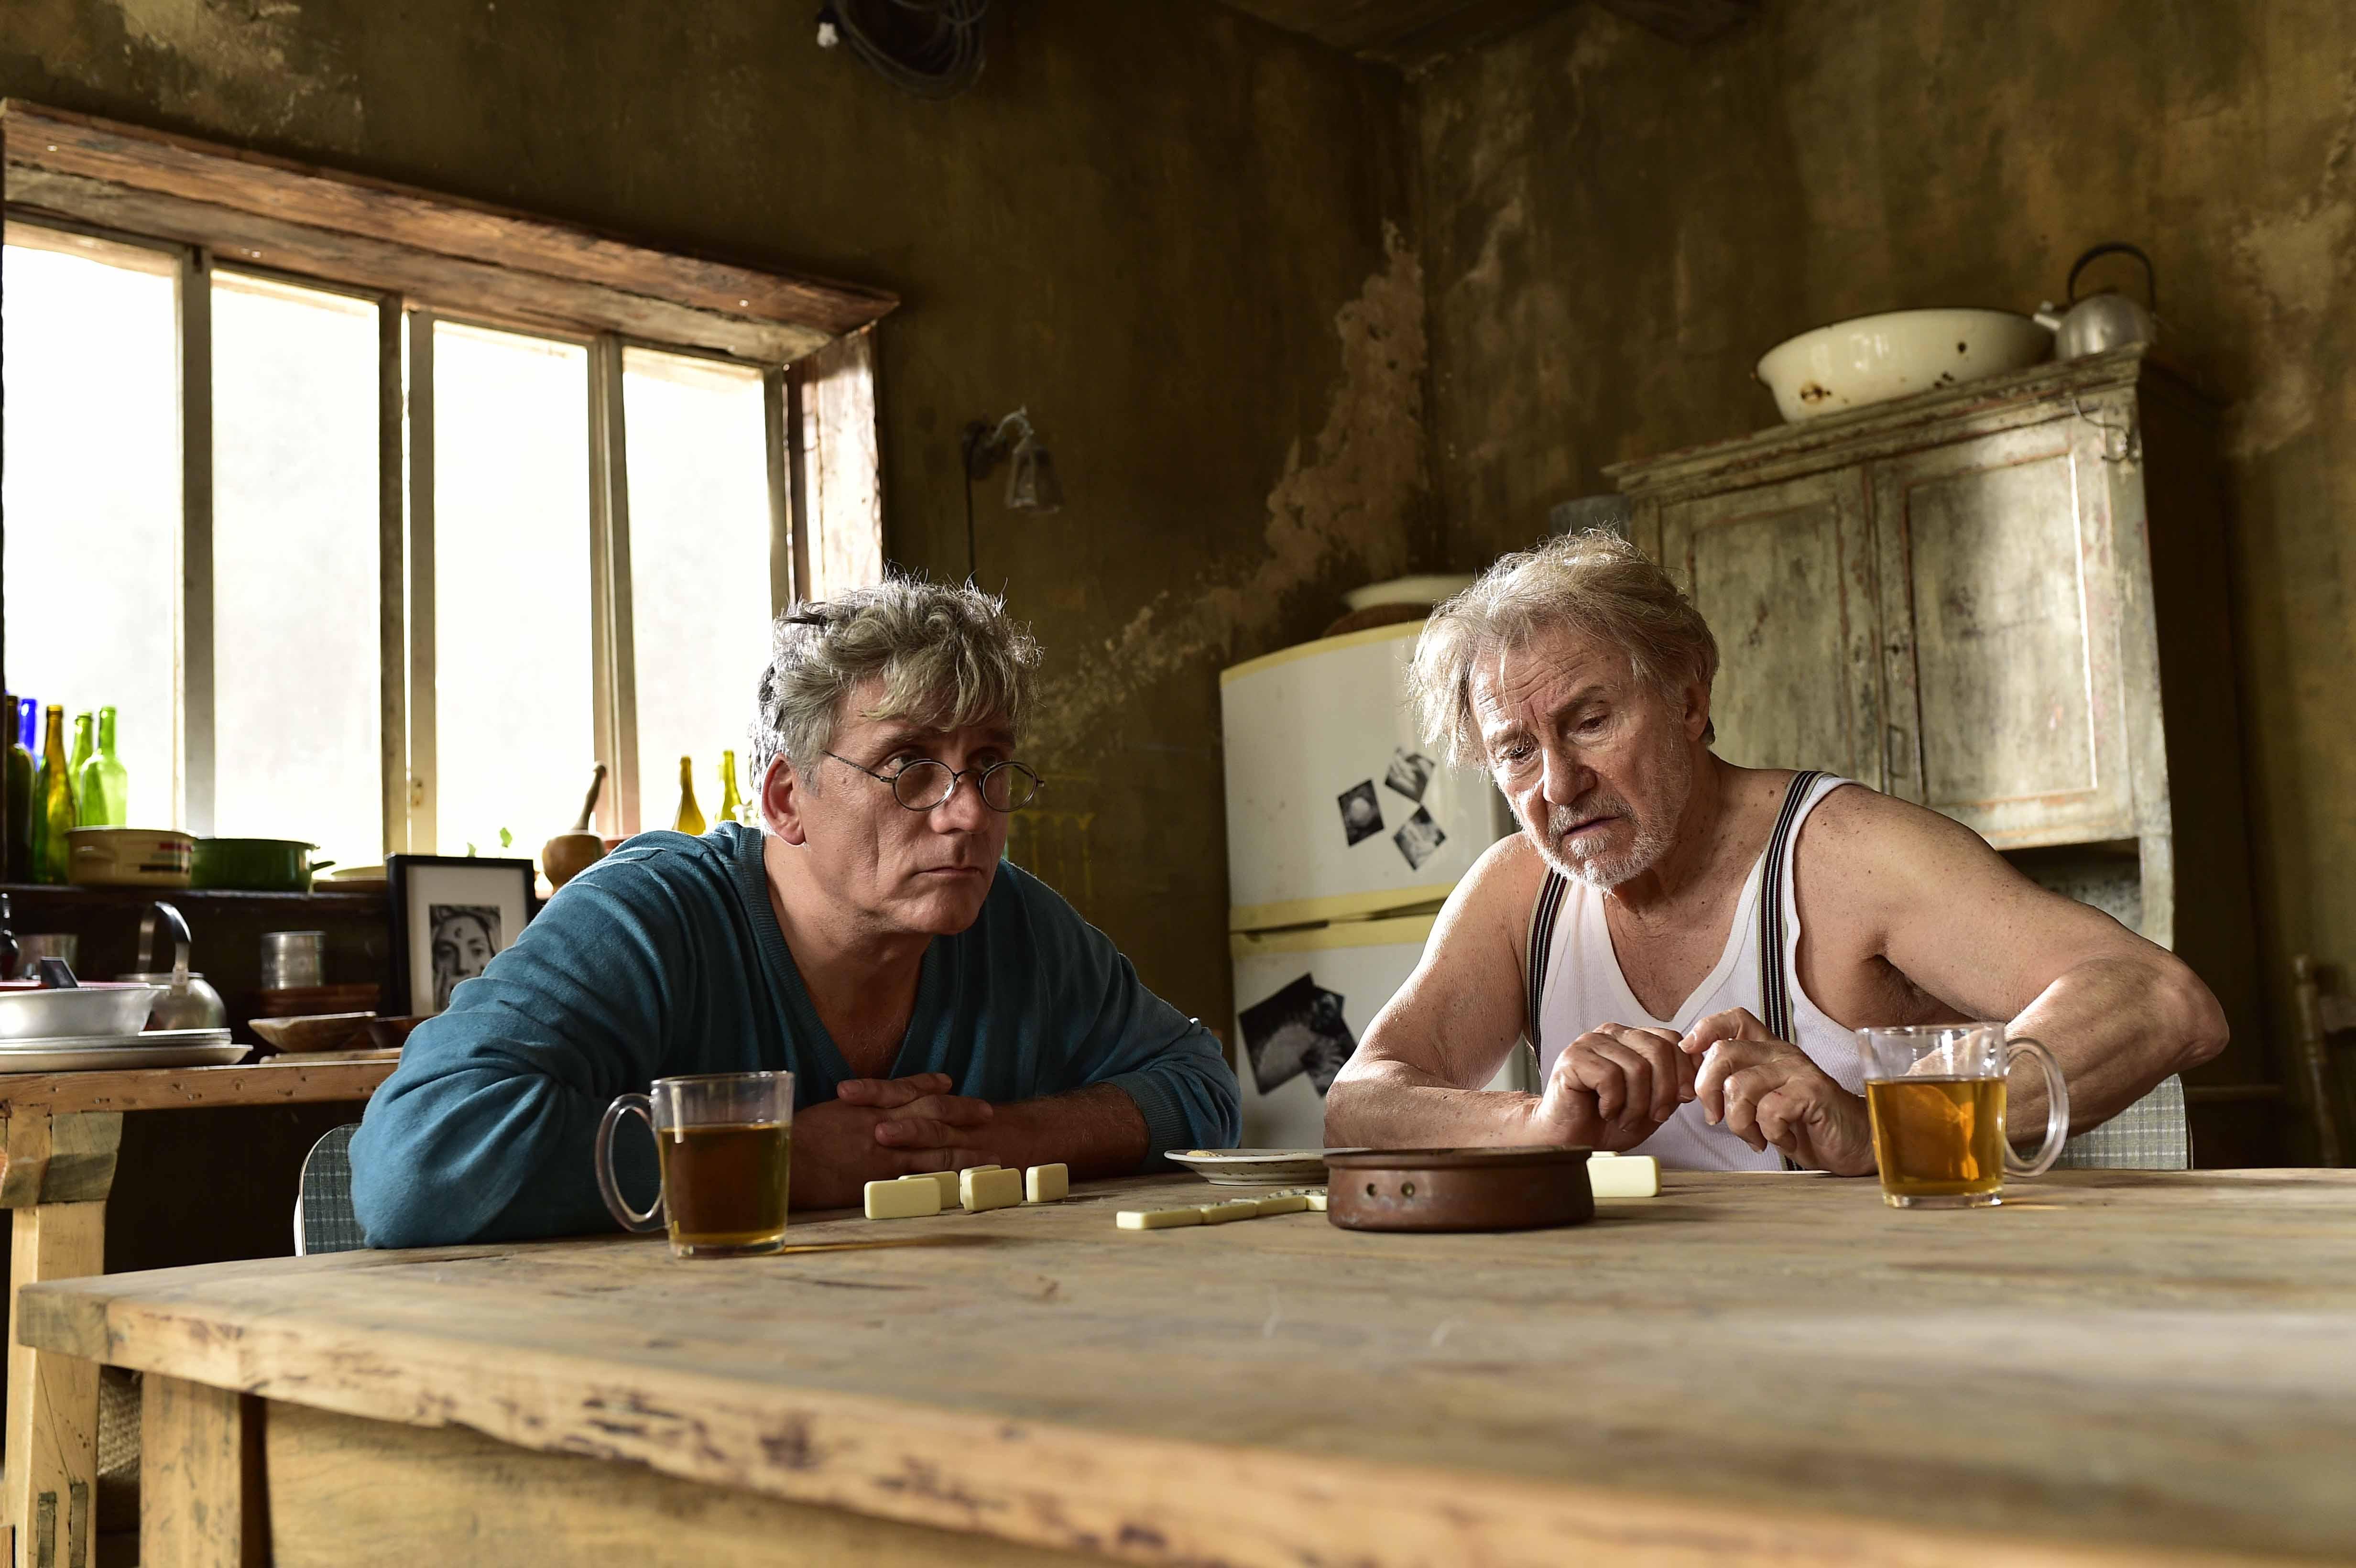 其中以欧艾希肯纳兹(左)所饰演的作家以扫,在离乡多年后重返故乡,与哈维凯托(右)所饰演的失智老父亲之间,爱恨交织的情感令人最为动容